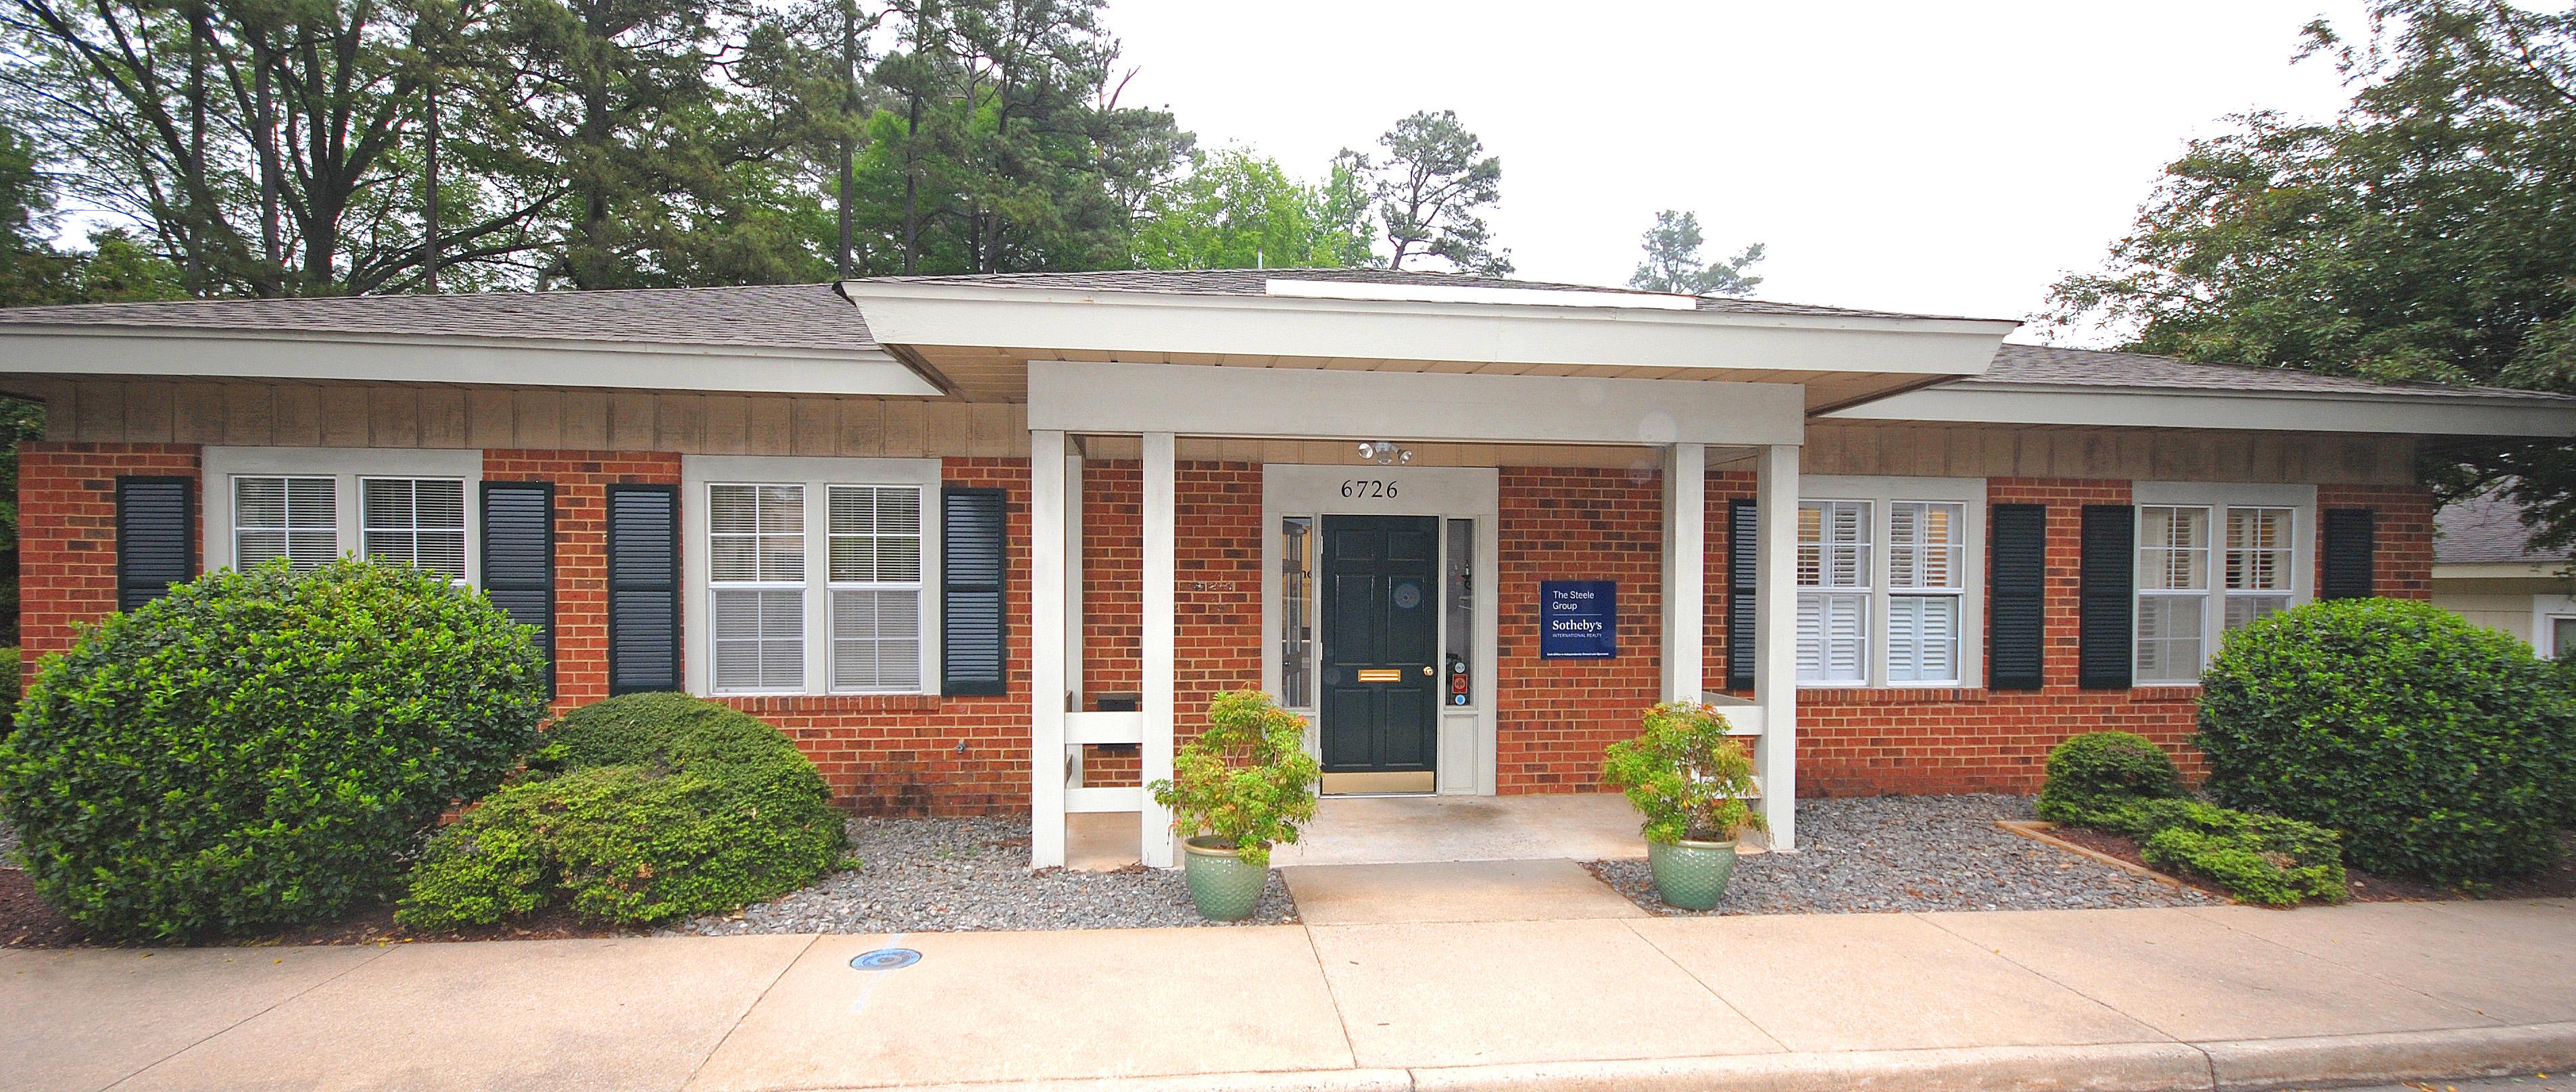 Office 180-b-3708-4001100 Photo